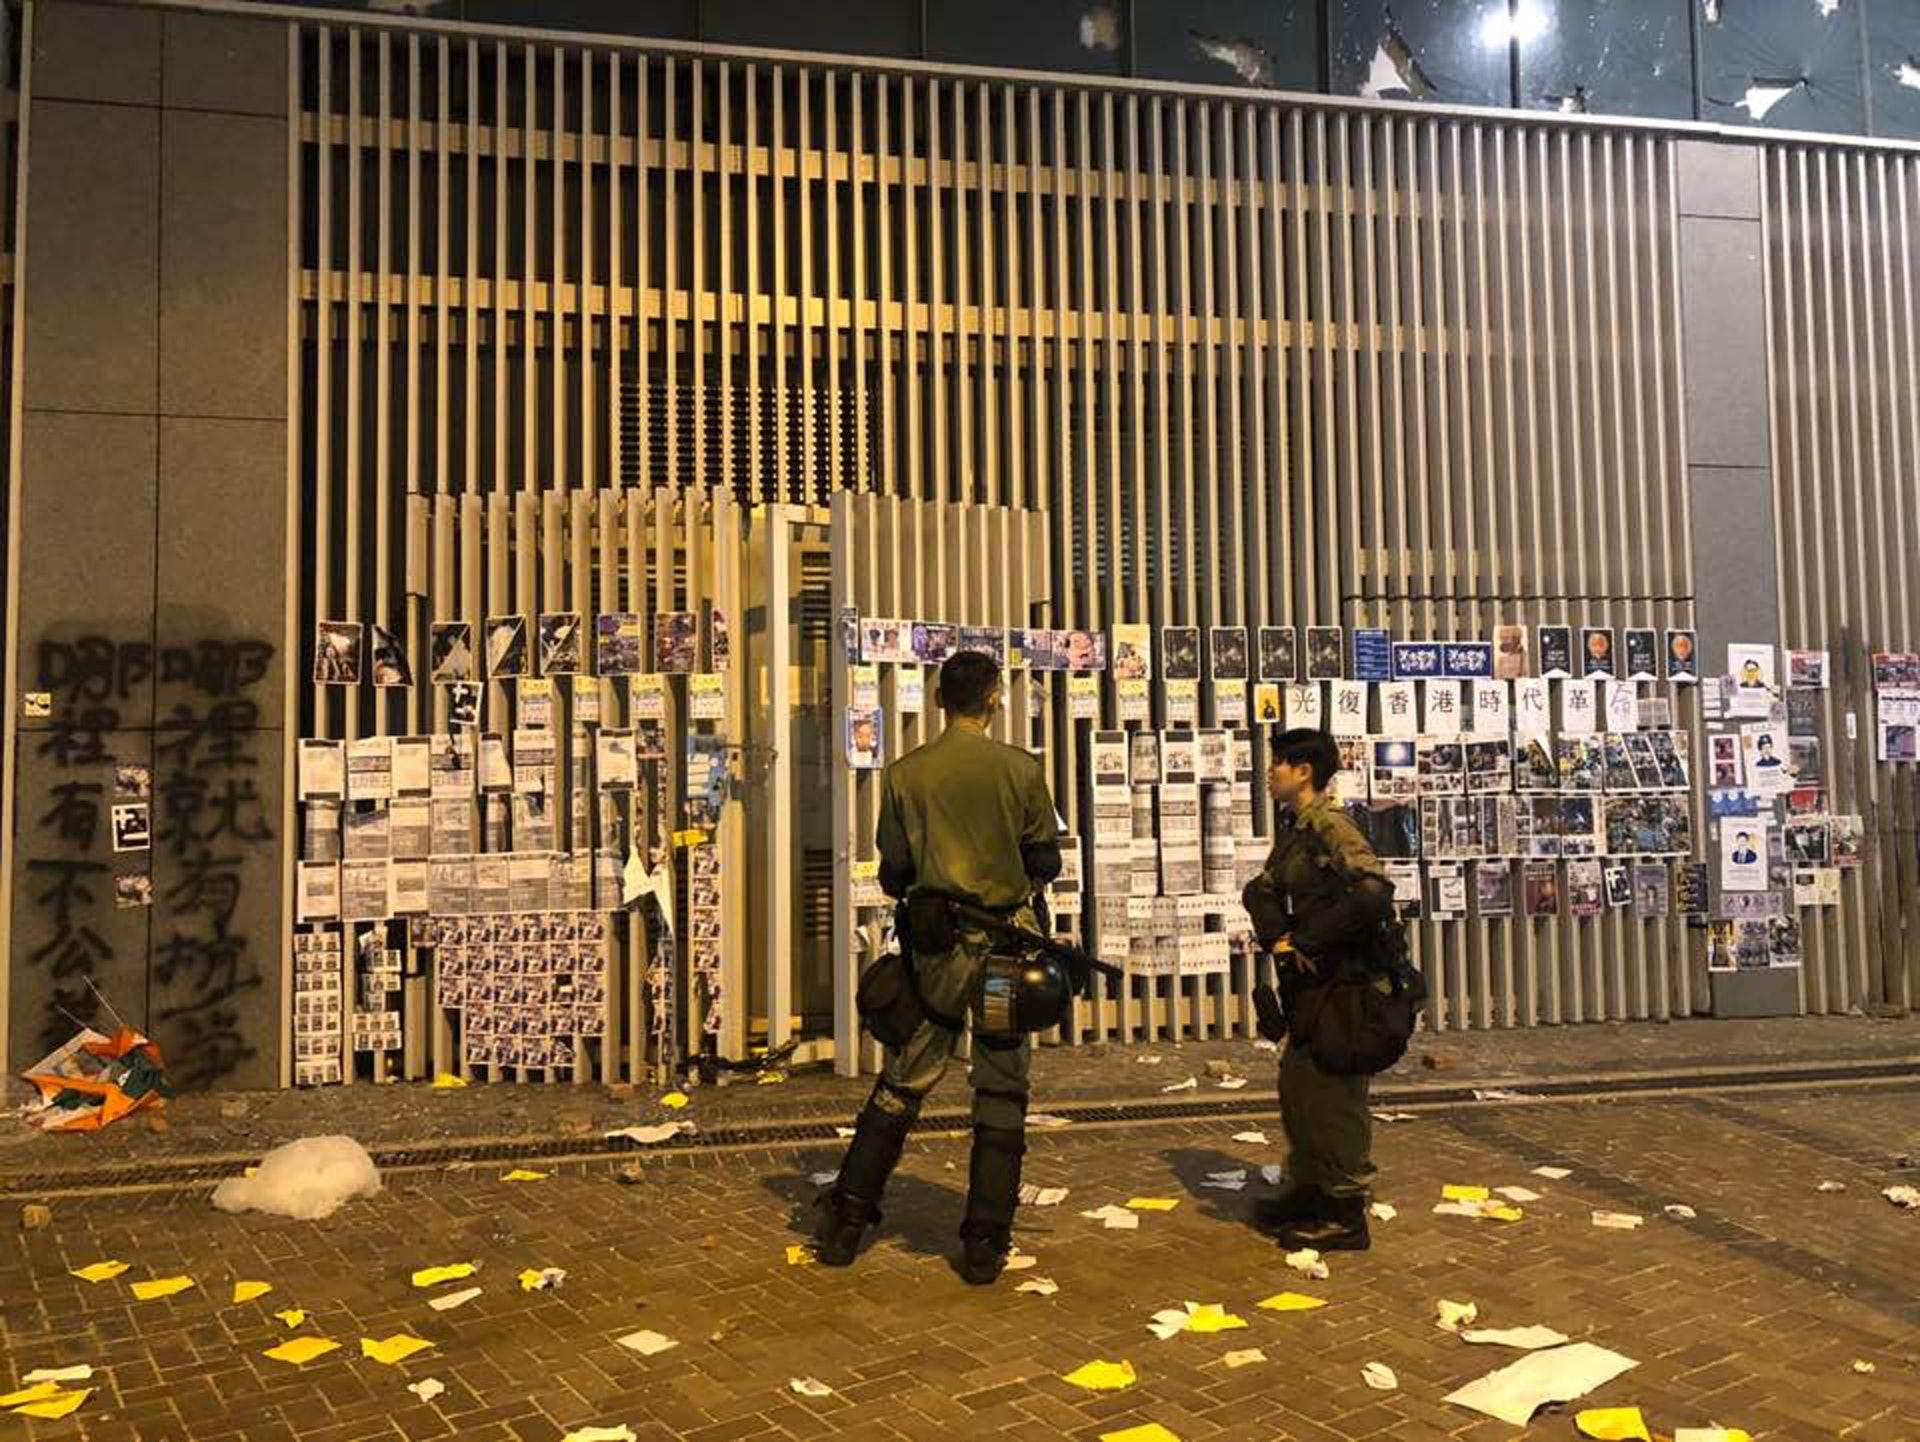 示威者撤退後,警員在金鐘一帶檢視損毀情況。(鄭榕笛攝)